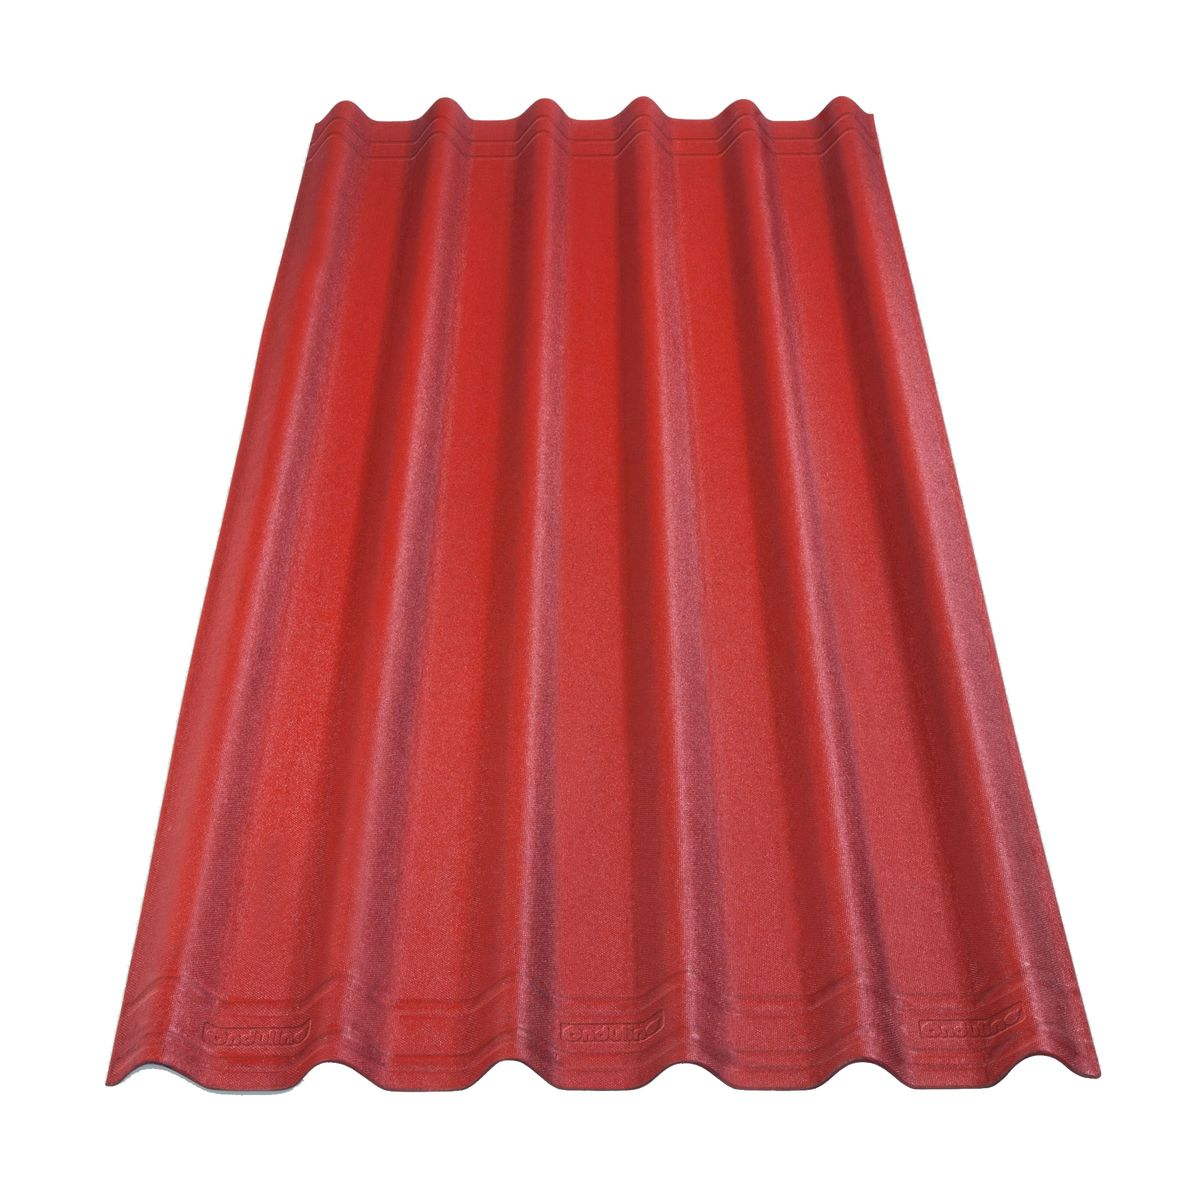 Amato Lastra ondulata Onduline Easyfix rosso 81 x 200 cm: prezzi e  DF93